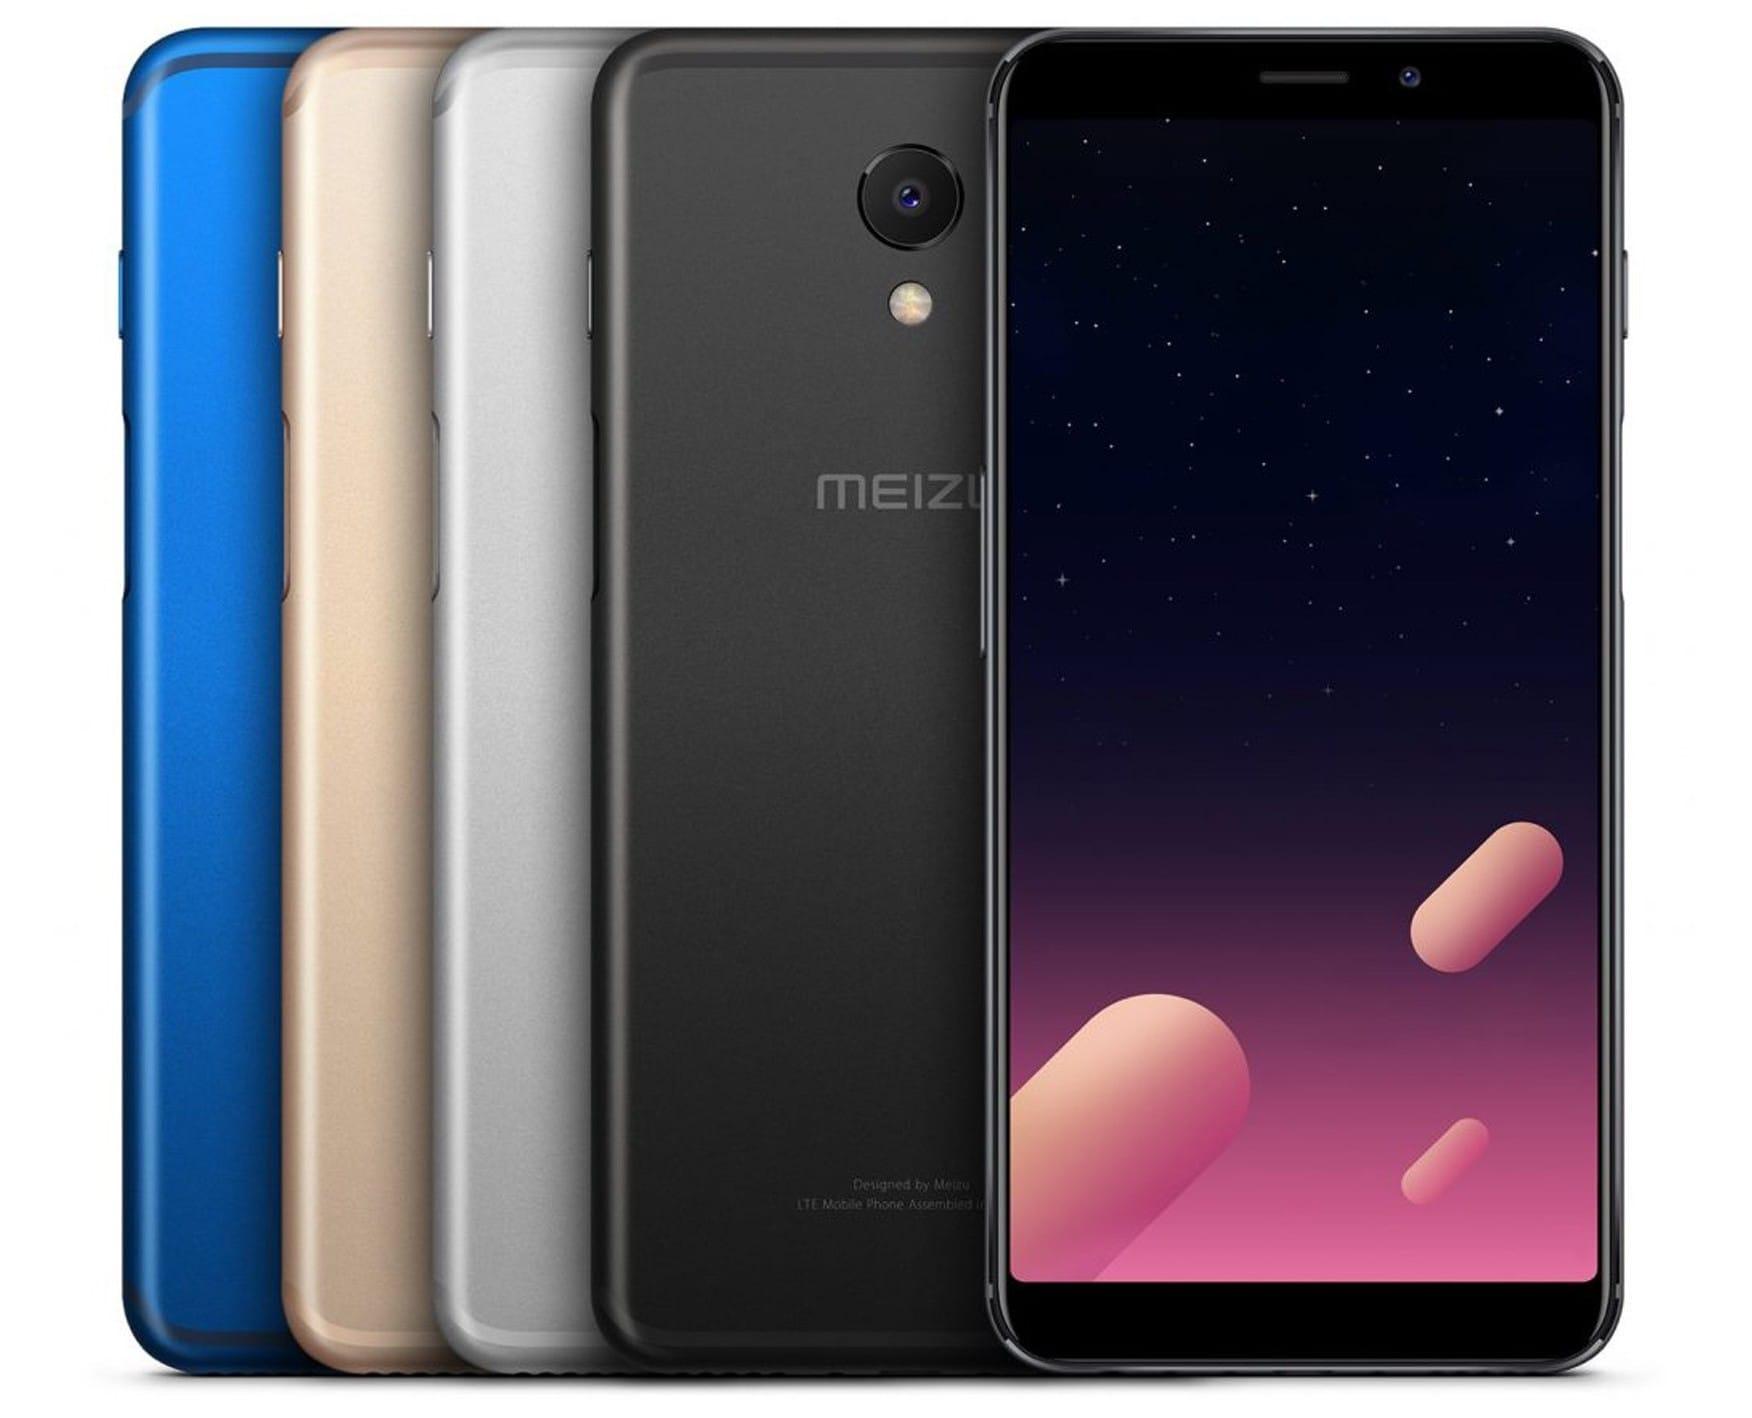 Безрамочный смартфон Meizu E3 получил двойную камеру 12